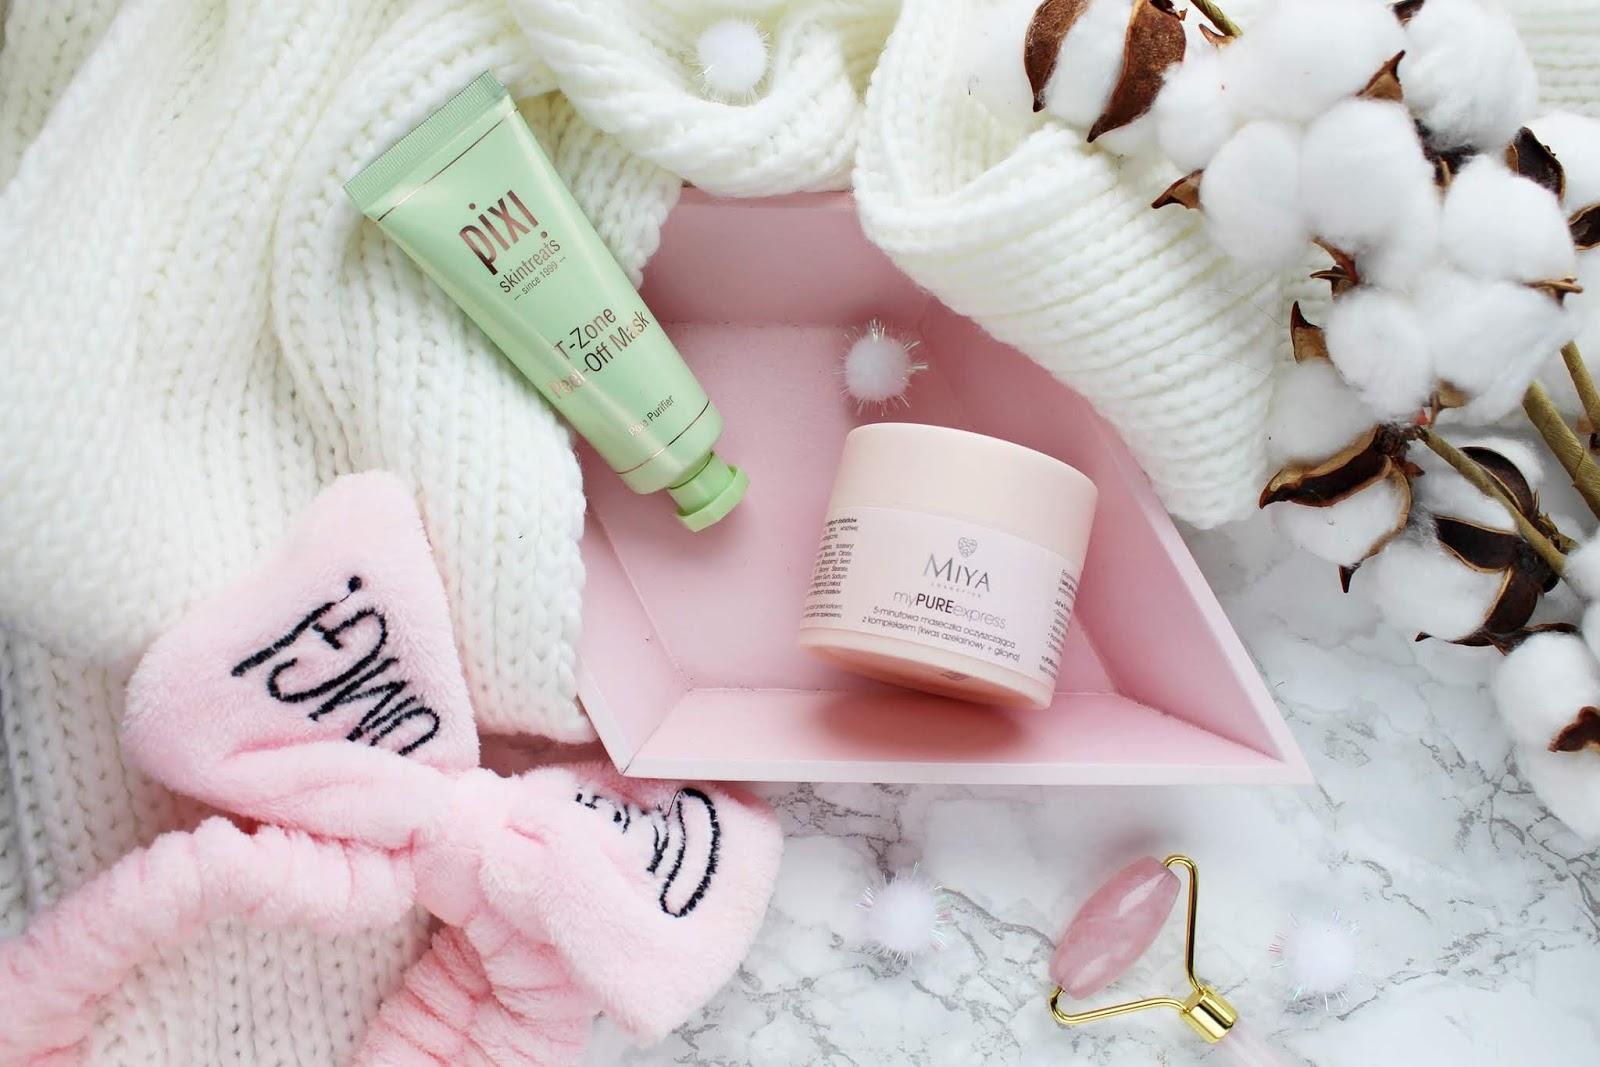 Maseczki oczyszczające | MIYA myPUREexpress, 5-minutowa maseczka oczyszczająca | Pixi T-zone Peel-Off Mask